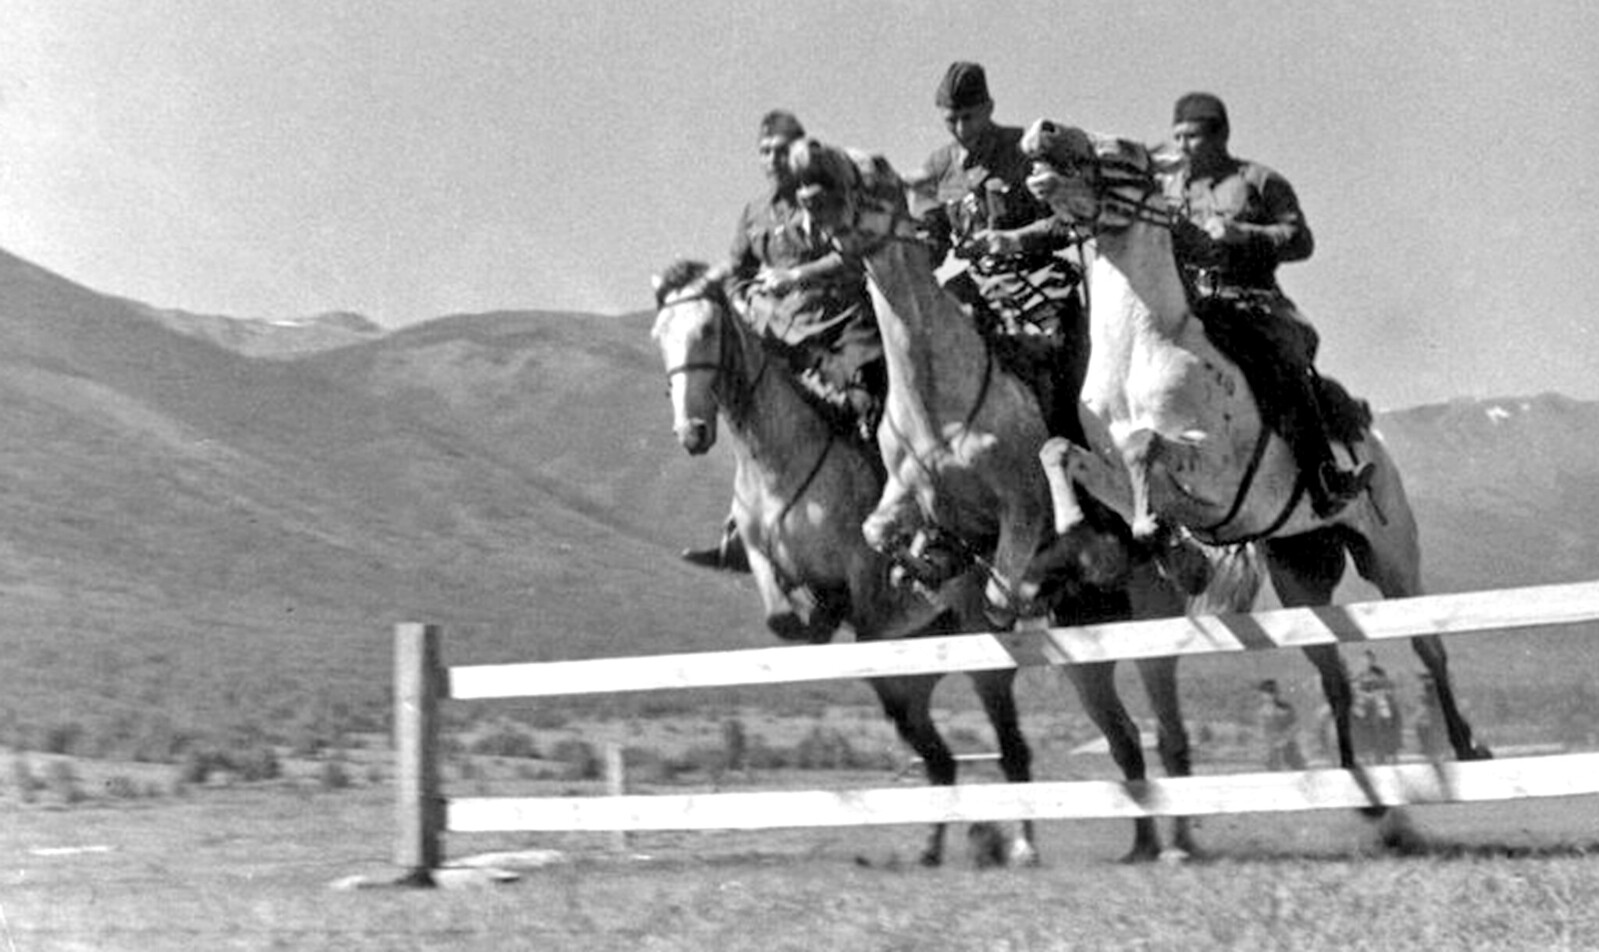 1940. Катон-Карагайский район Восточно-Казахстанской области Казахской ССР. Личный состав кавалерийской пограничной заставы на занятиях по конной подготовке